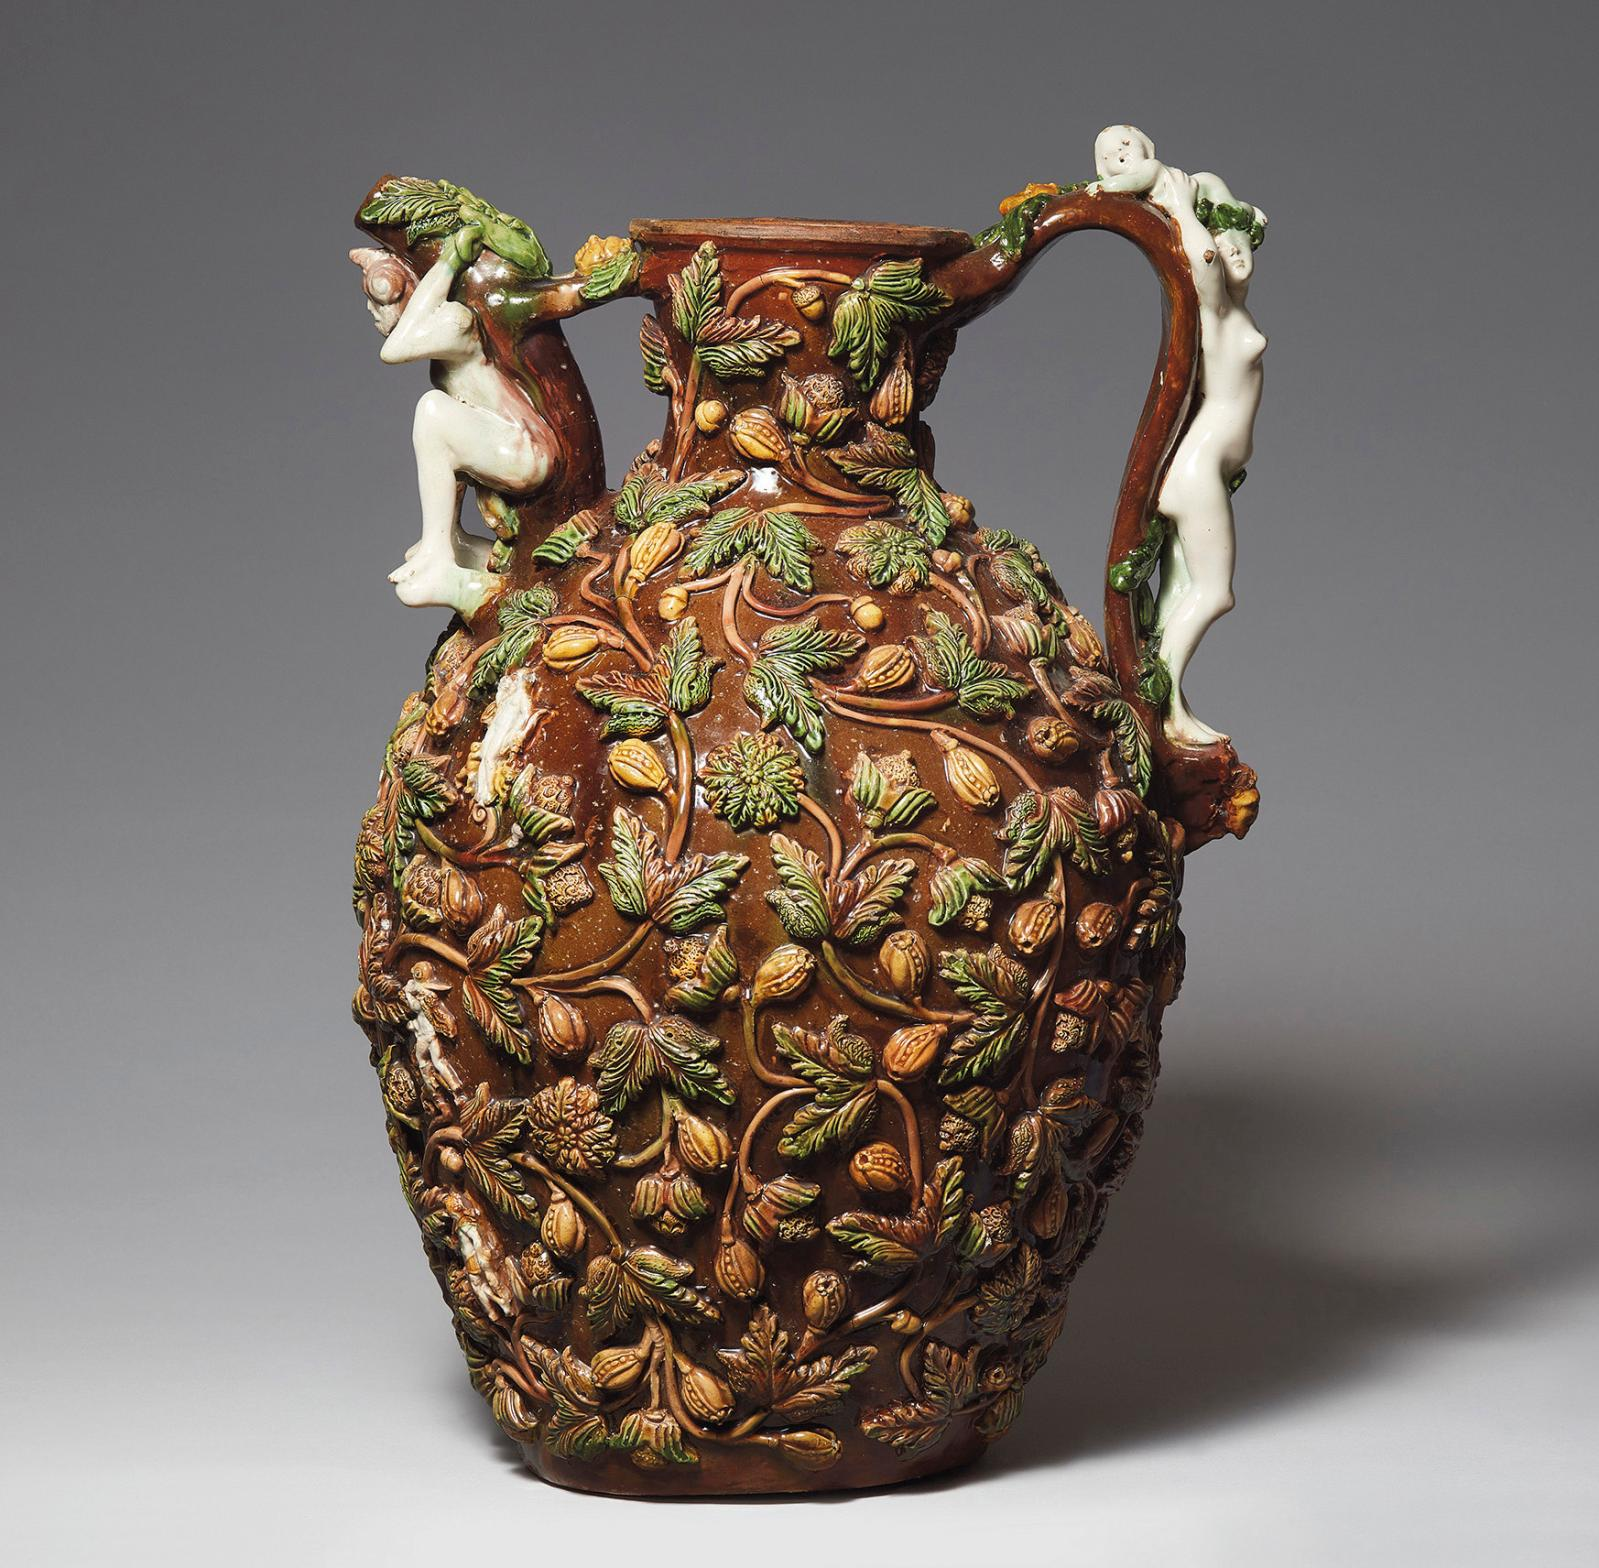 Un suiveur de Palissy Rares sont les créations s'inscrivant dans le goût de Bernard Palissy (vers 1510-1589 ou 1590) à passer sous le marteau. Du haut